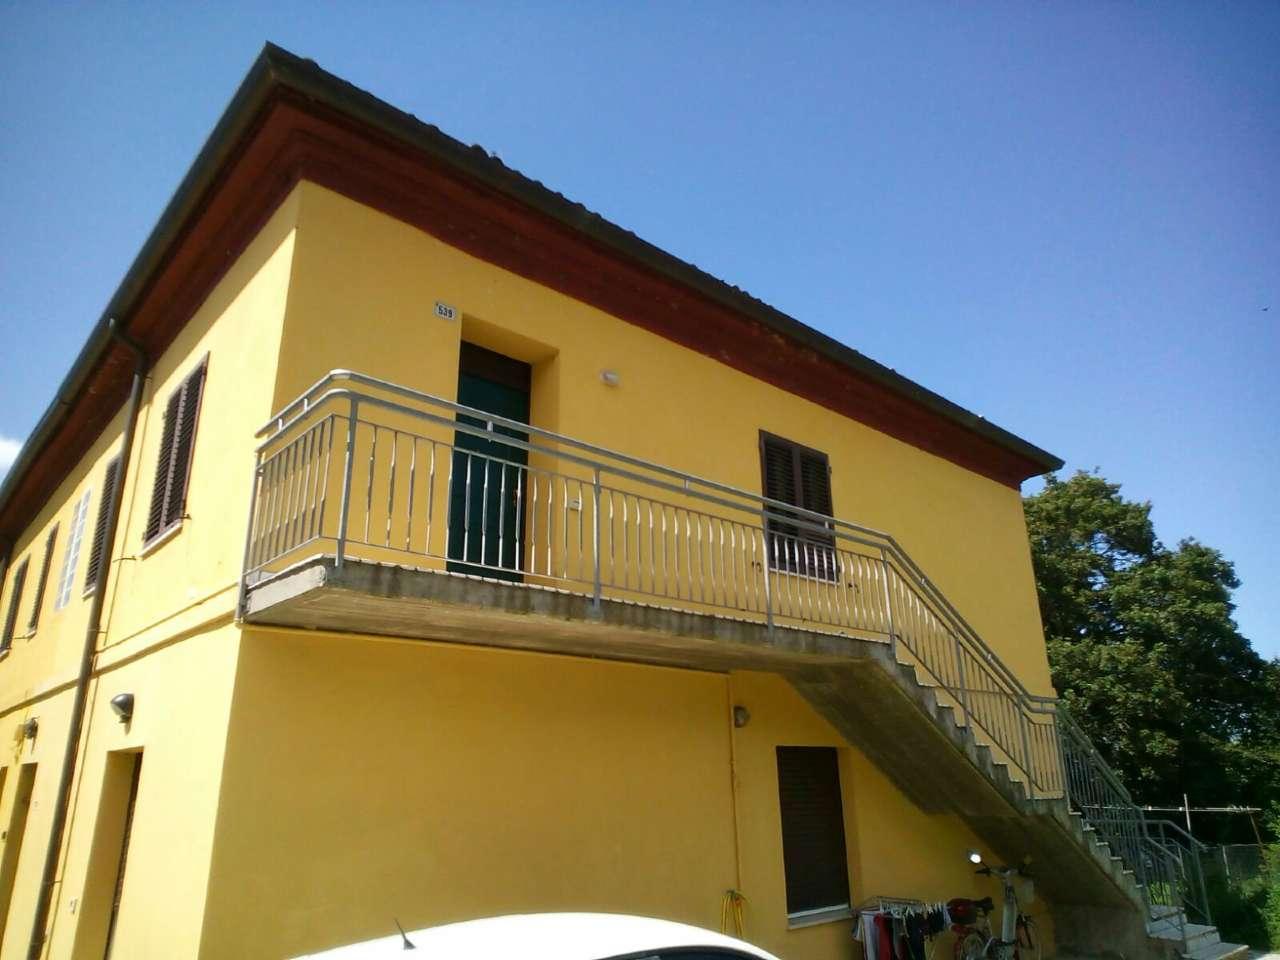 Appartamento in affitto a Bertinoro, 2 locali, prezzo € 450 | Cambio Casa.it